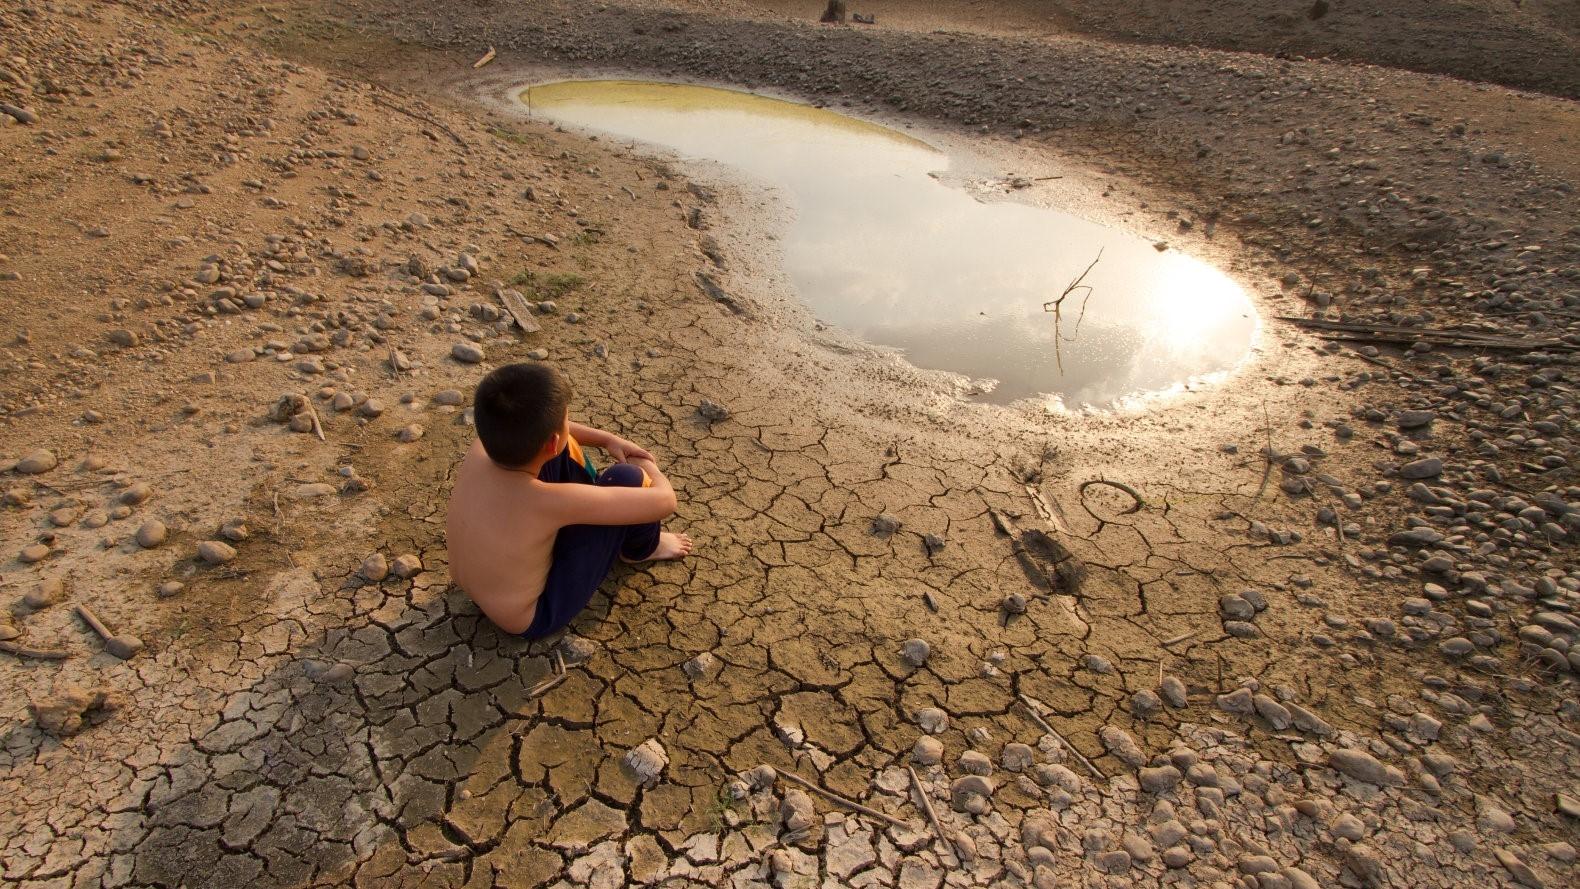 К 2050 году половина населения Земли может остаться без пресной воды